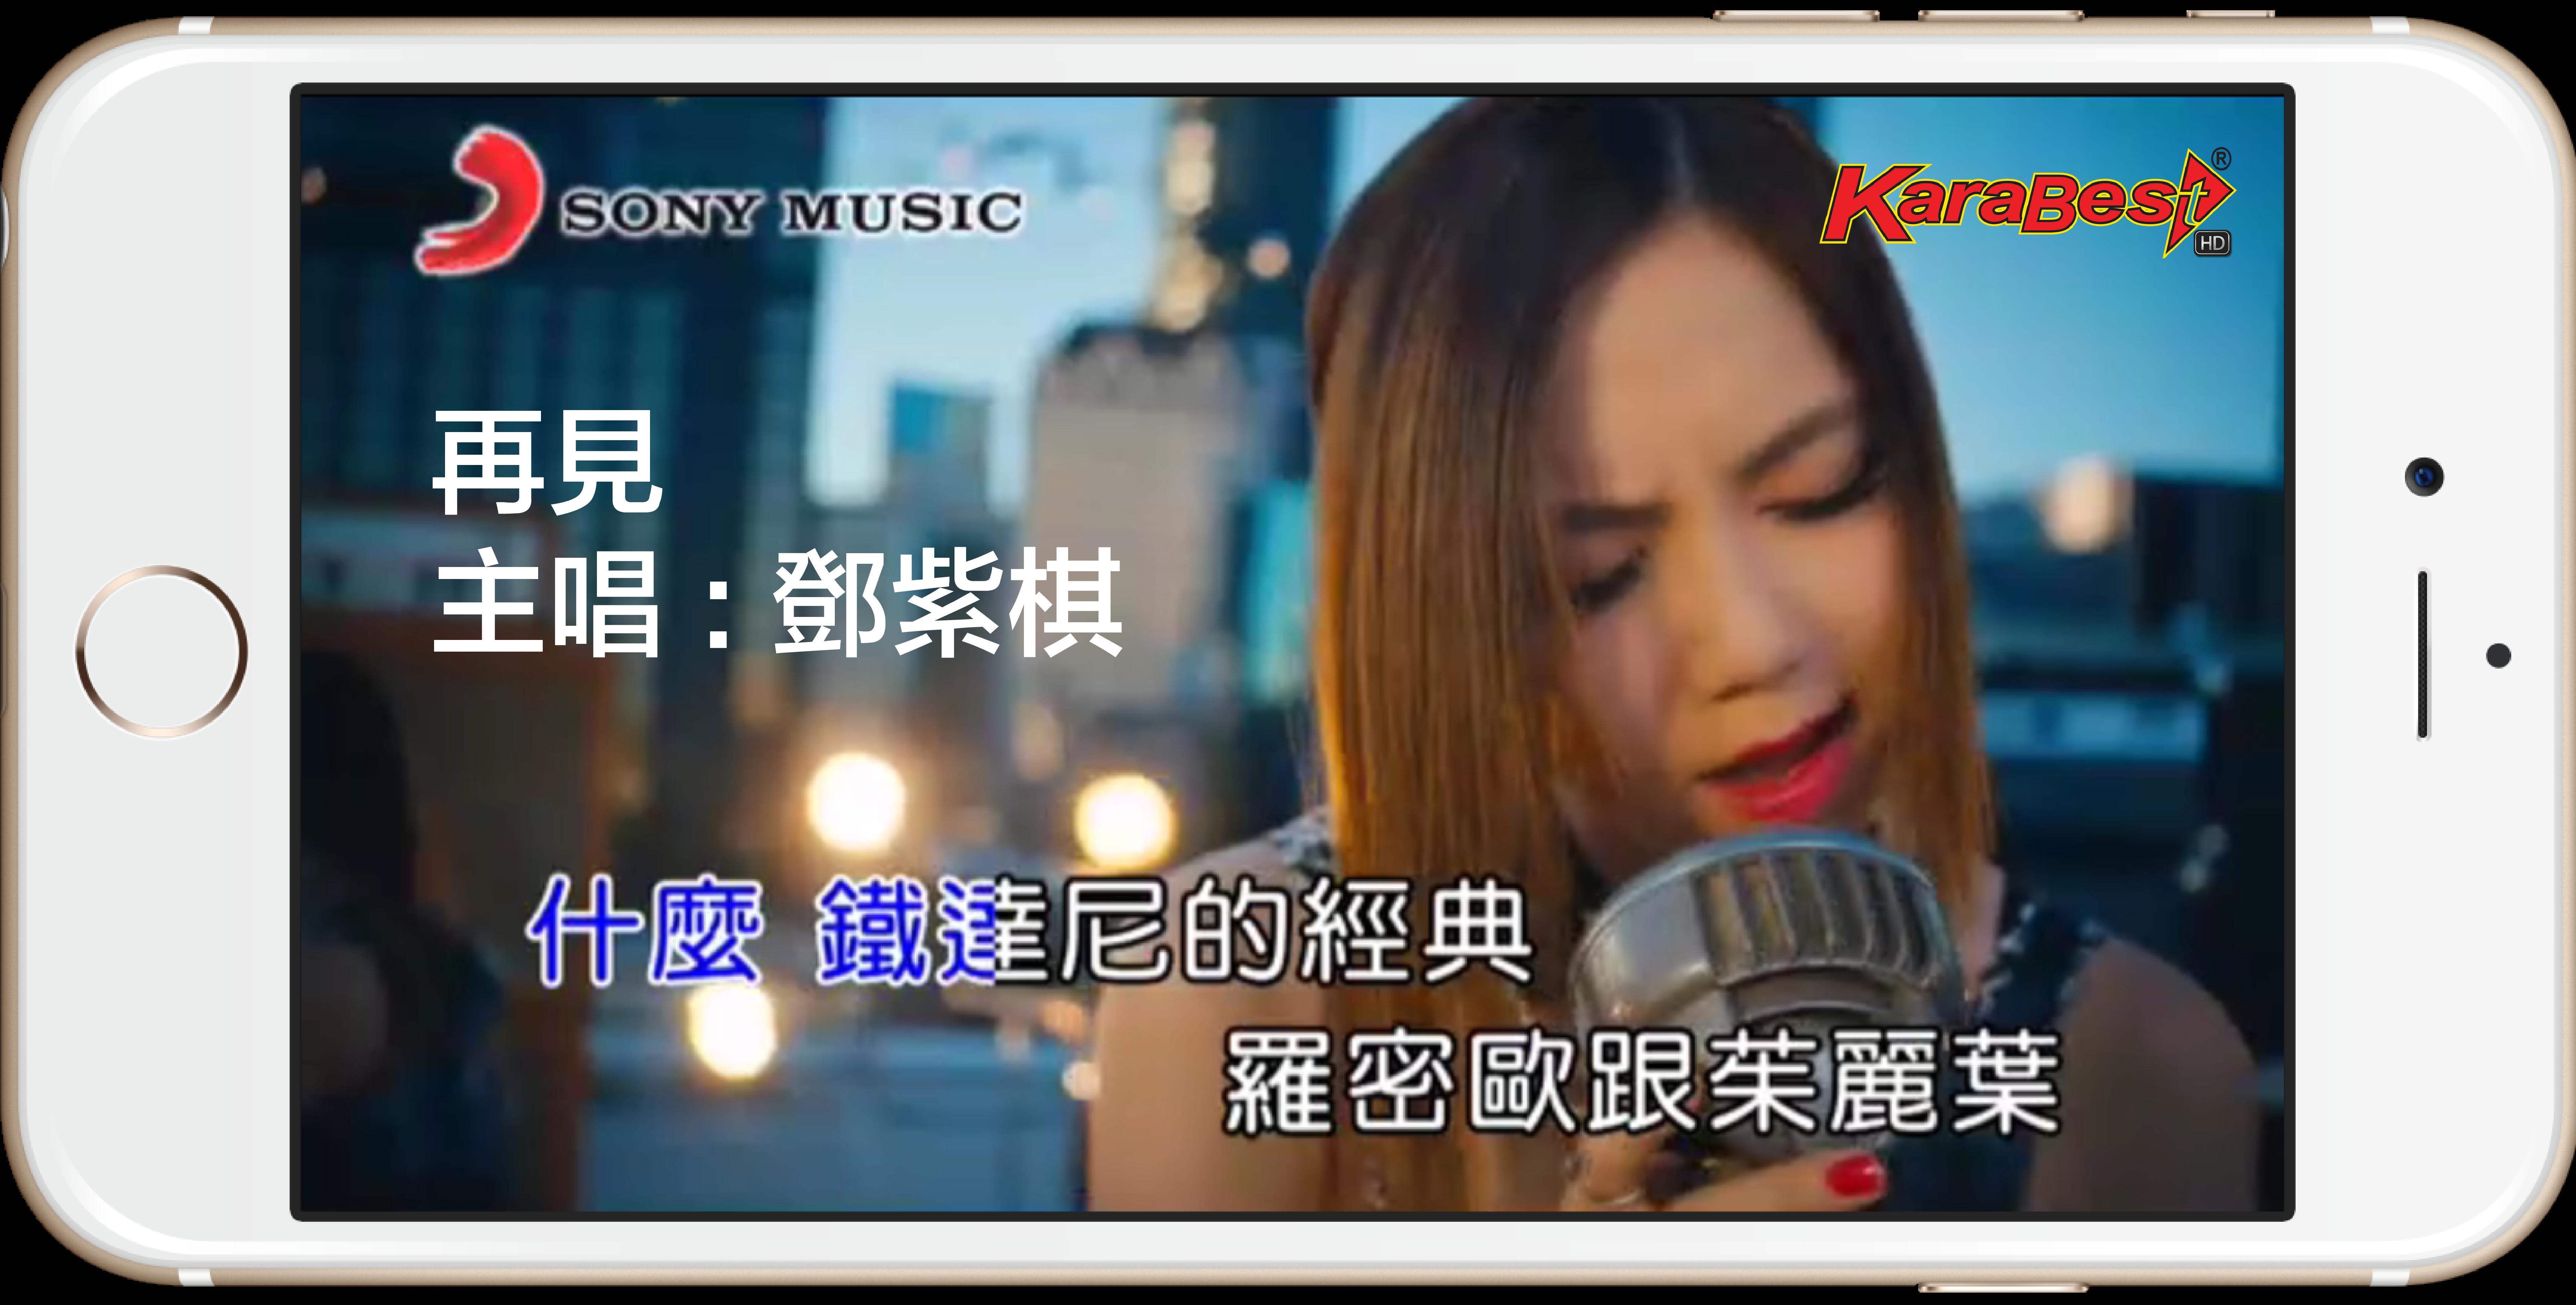 I'm Singer 鄧紫棋-再見 Mandarin